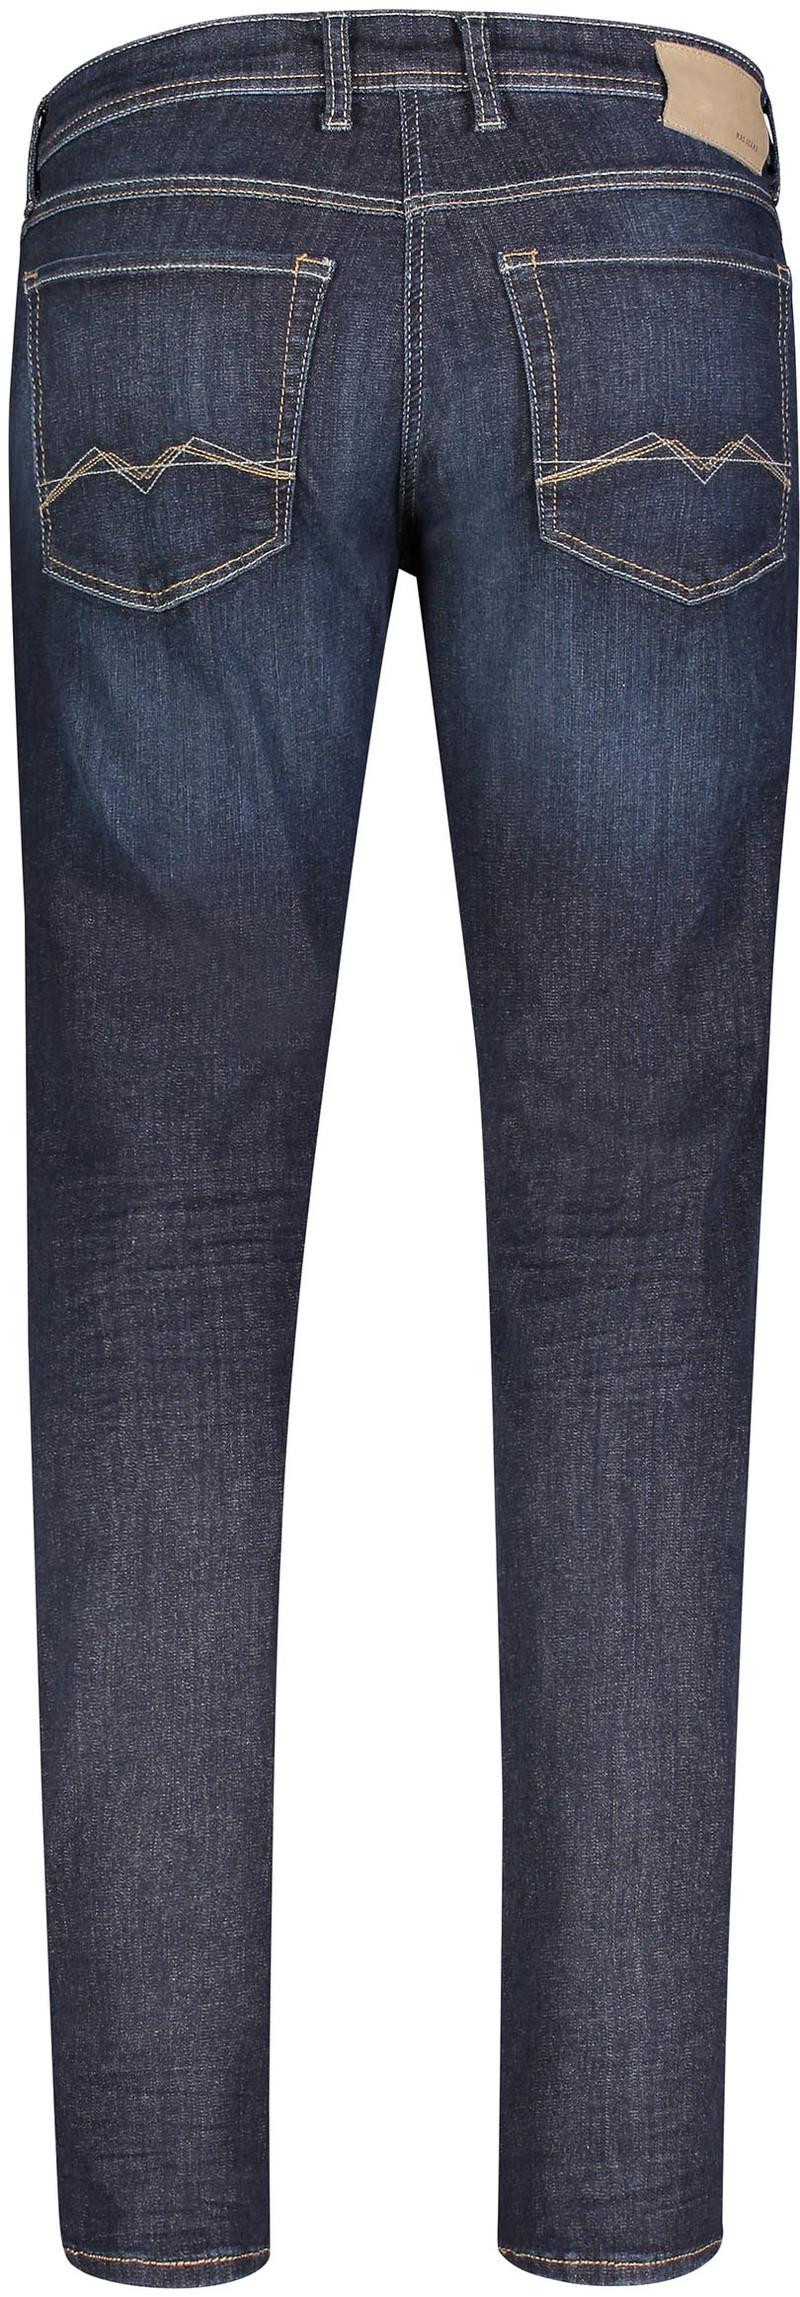 Mac Jeans Arne Pipe Flexx Superstretch H736